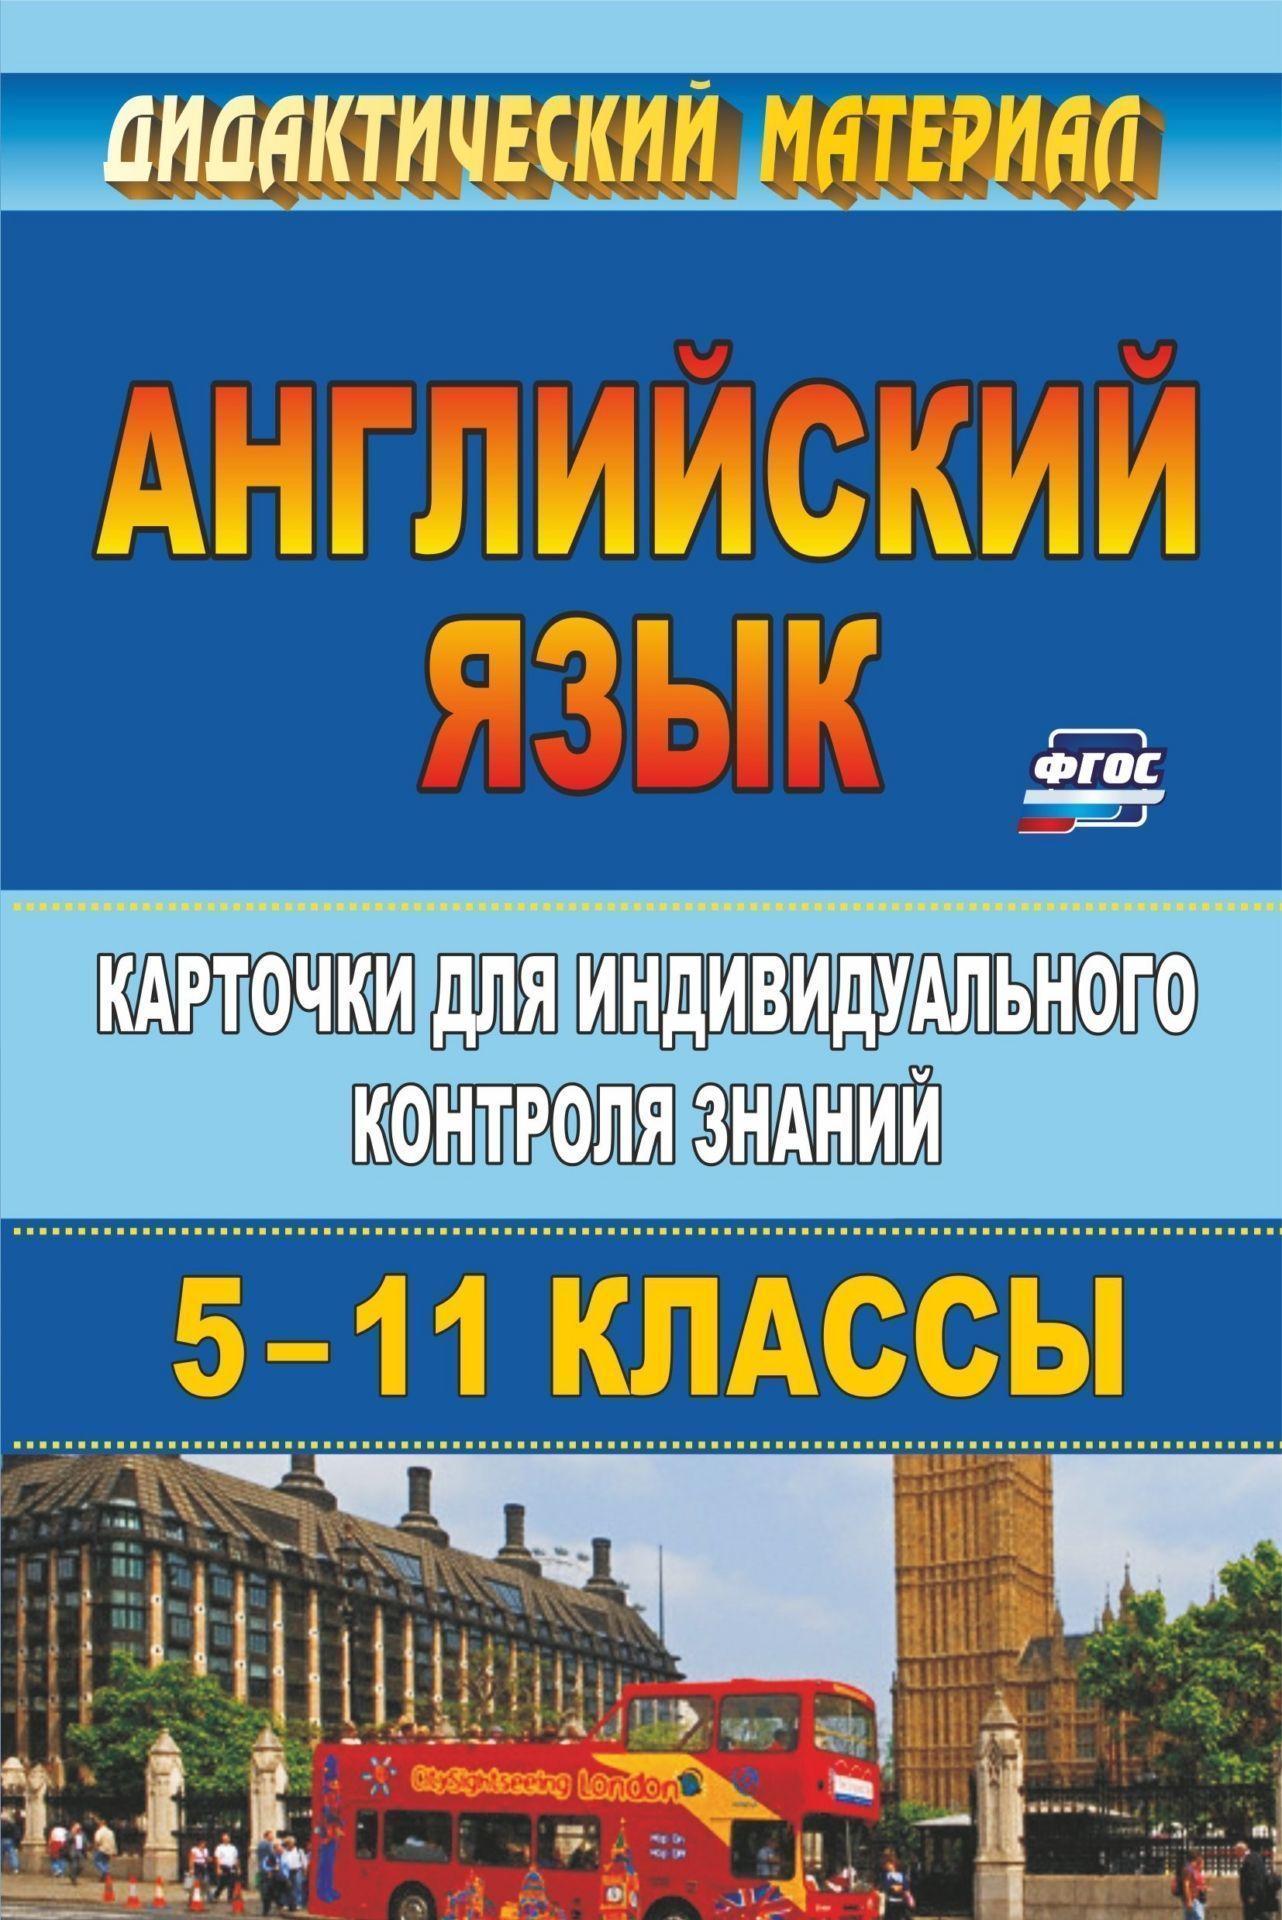 Купить со скидкой Английский язык. 5-11 классы: карточки для индивидуального контроля знаний